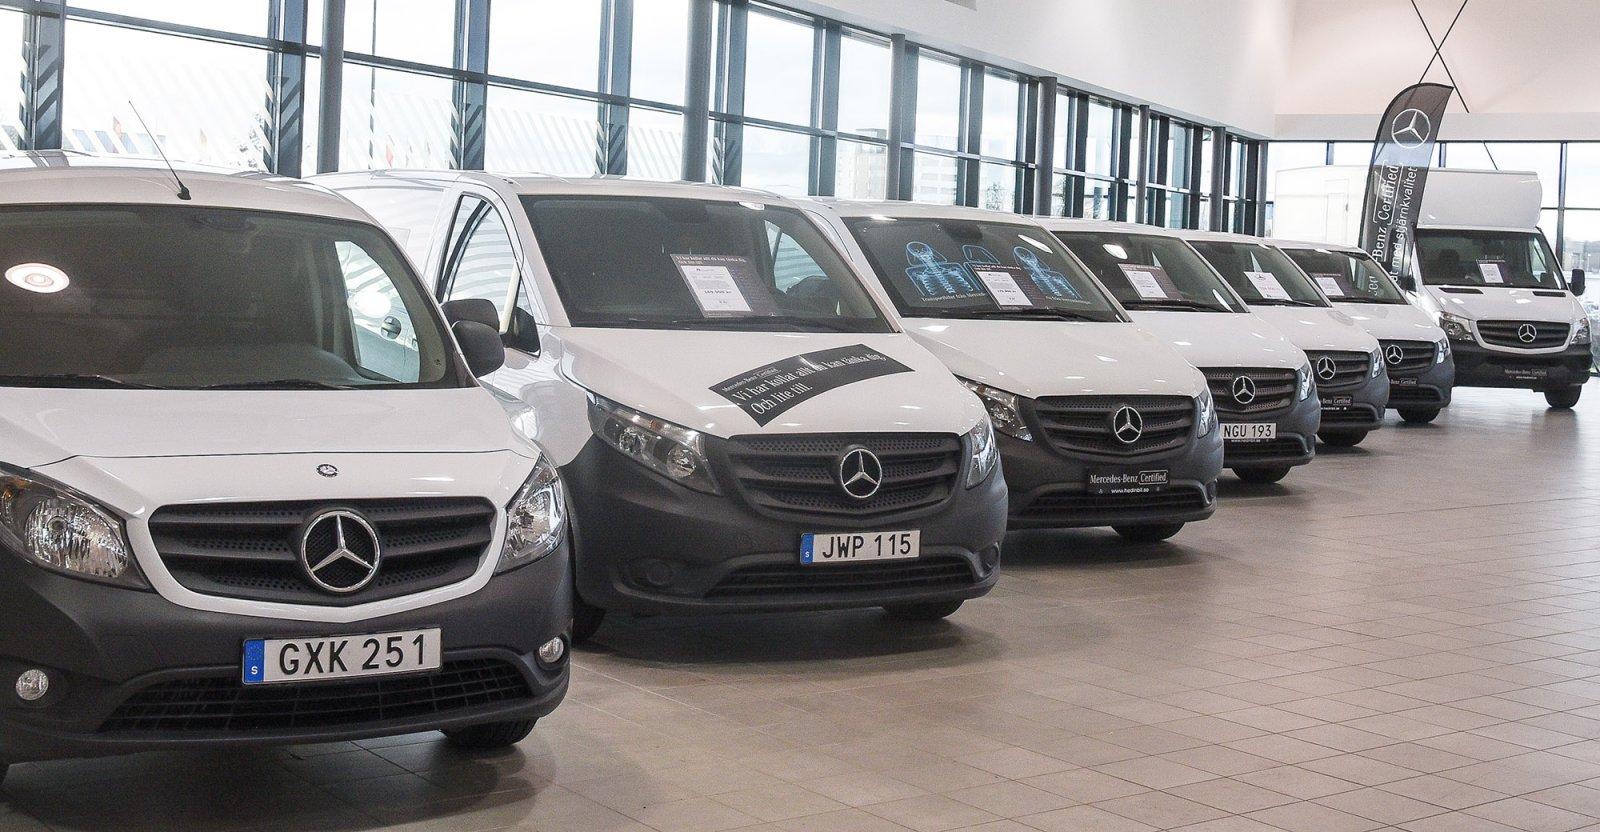 Hos Hedin Bil i Helsingborg har man alltid minst ett 10-tal Certified transportbilar för omedelbar leverans.